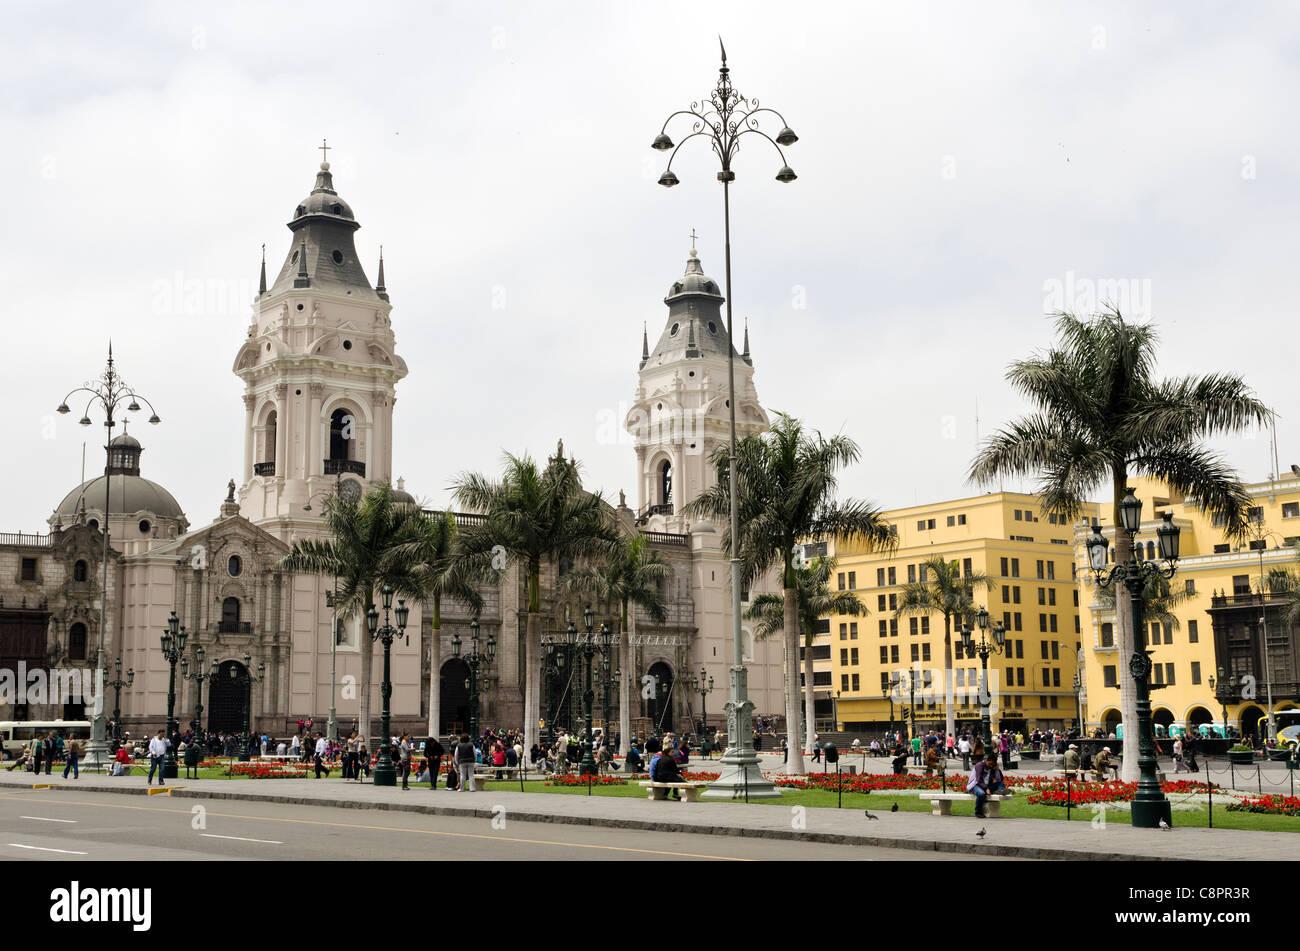 Plaza de Armas centro città Lima Peru Immagini Stock